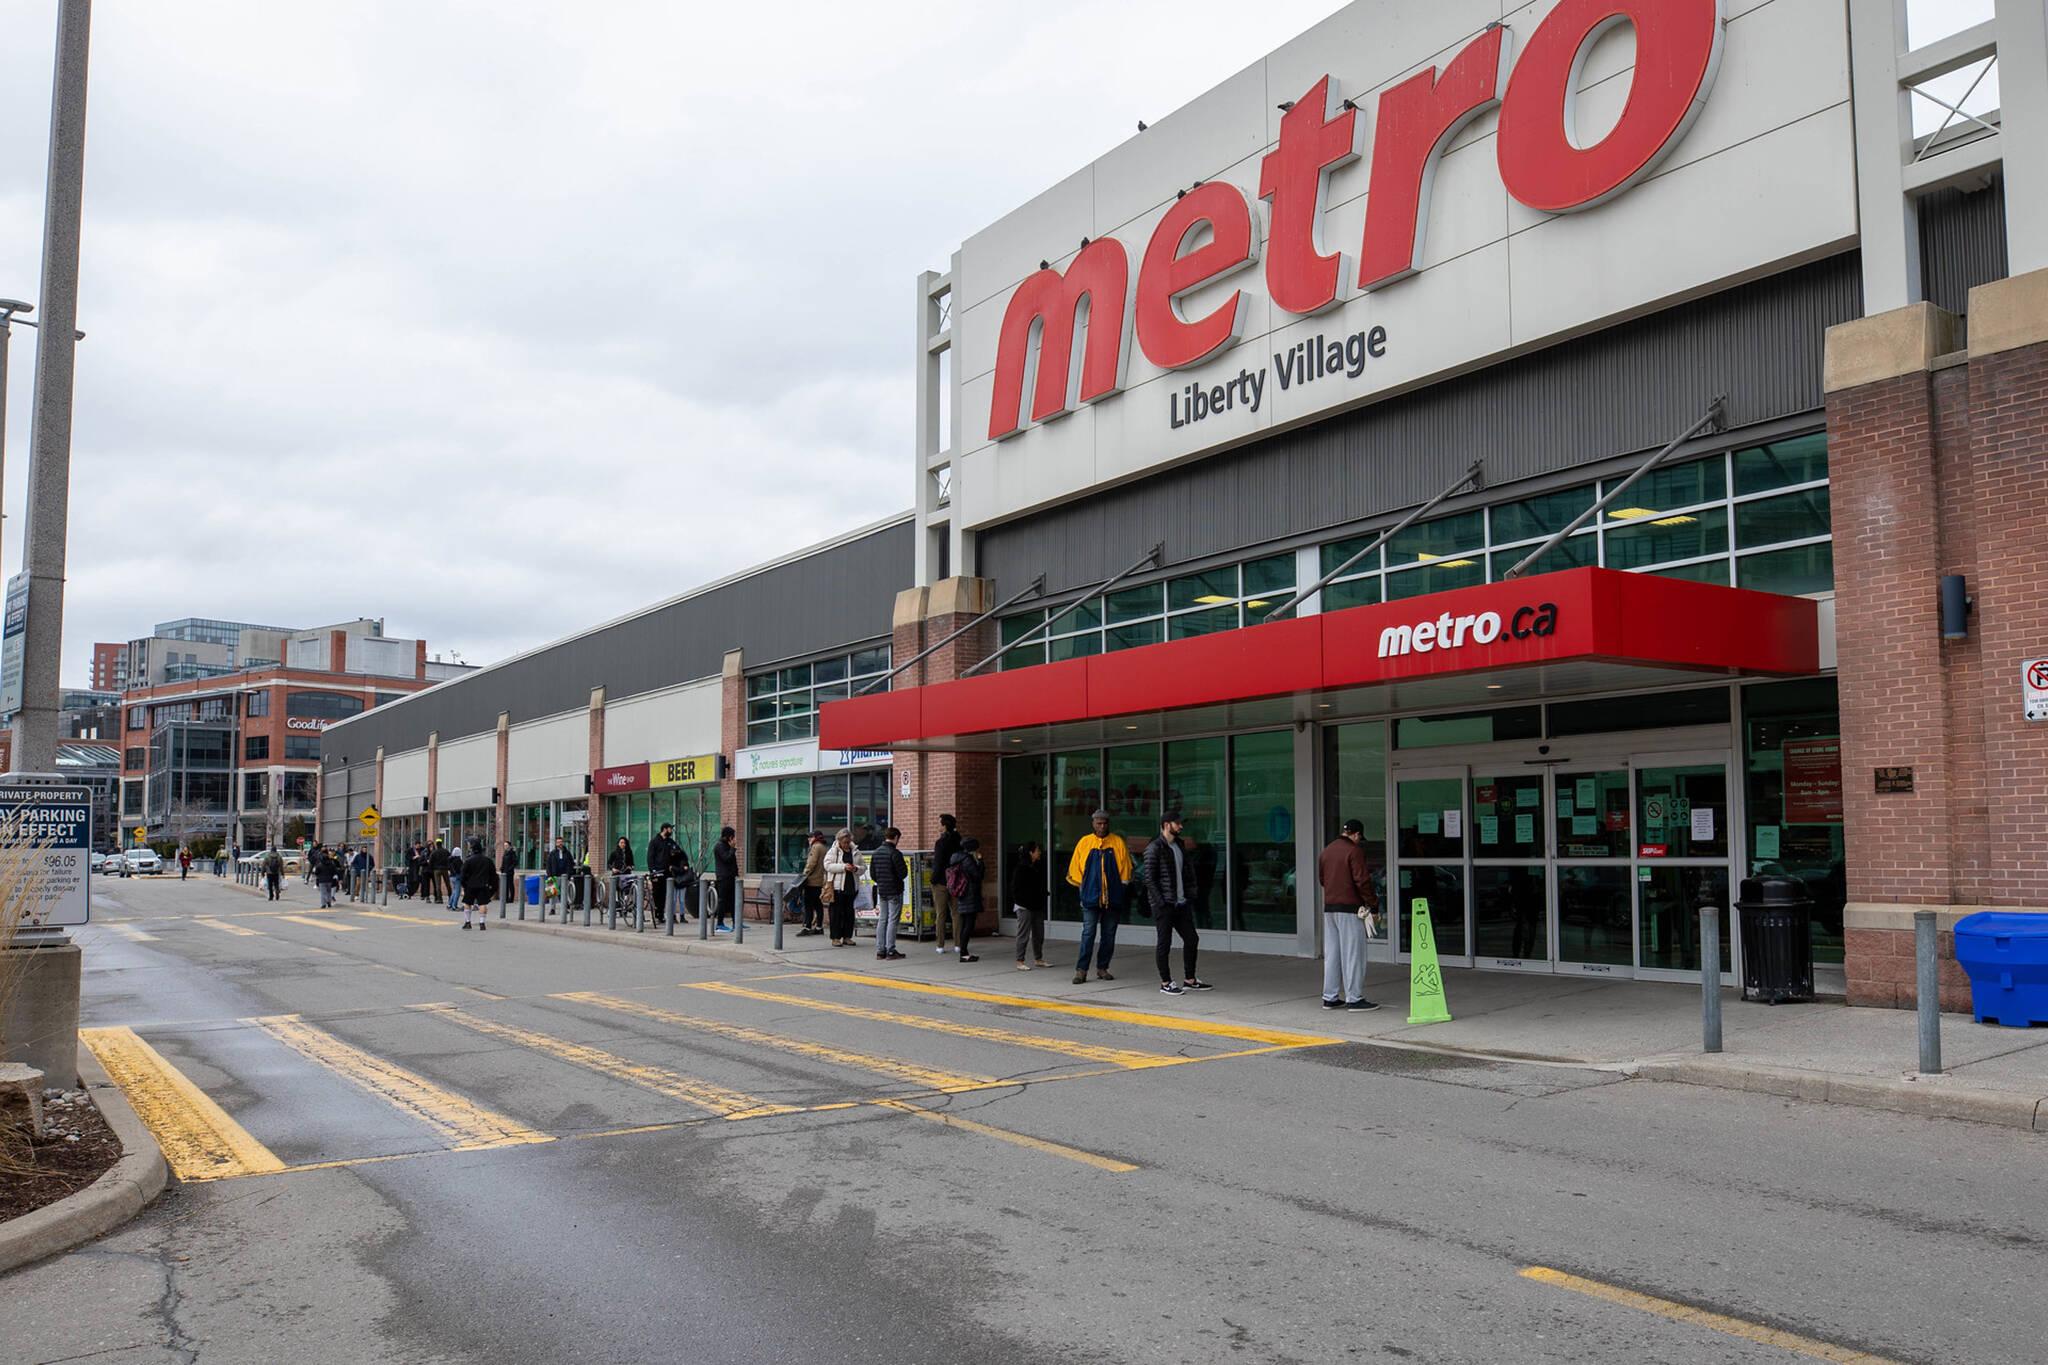 metro canada